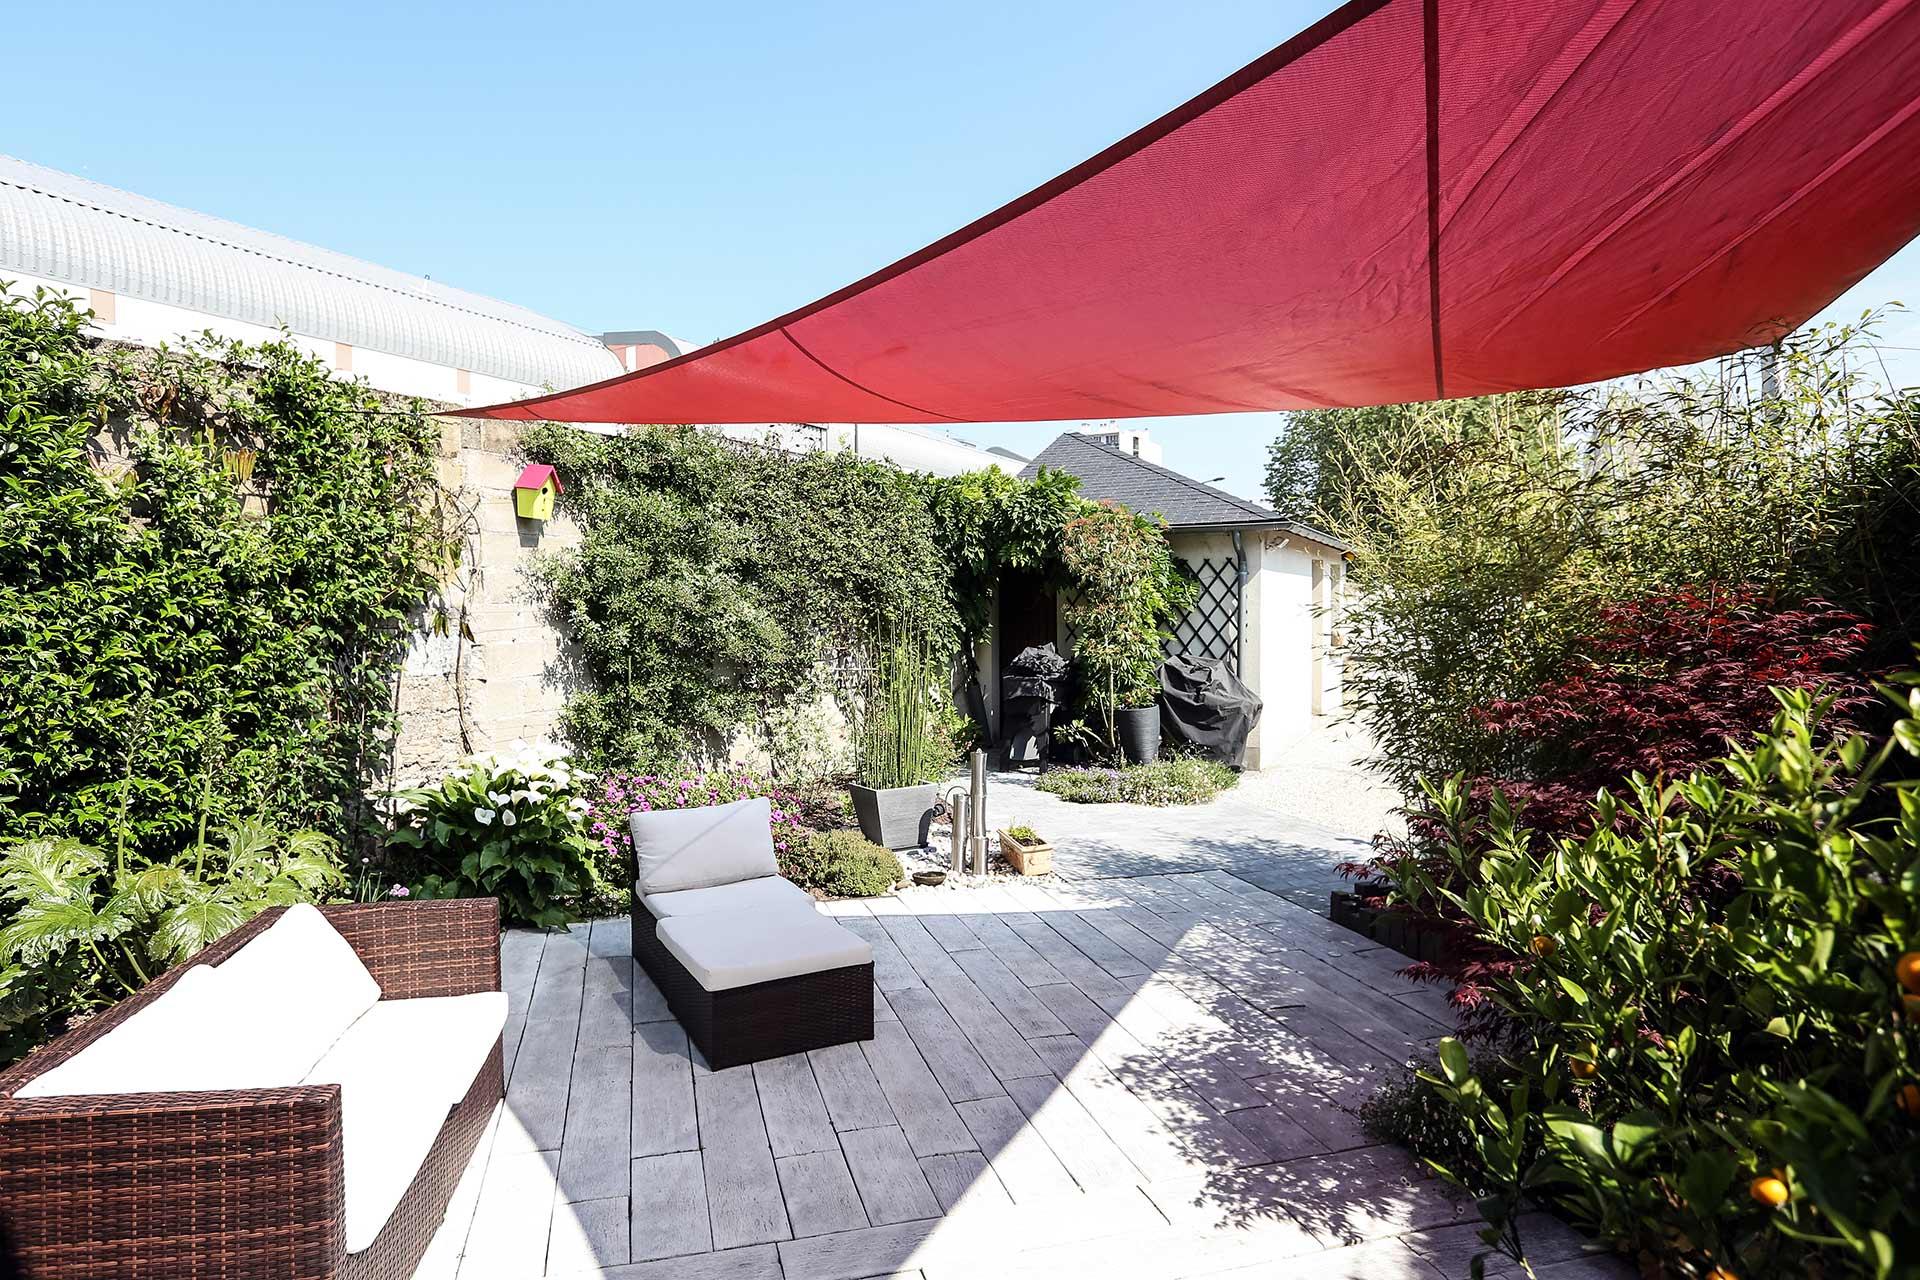 Serrault Jardins, réalise des jardins à la Ville aux Dames et aux alentours : Fondettes, Saint Cyr-sur-Loire, Vouvray....